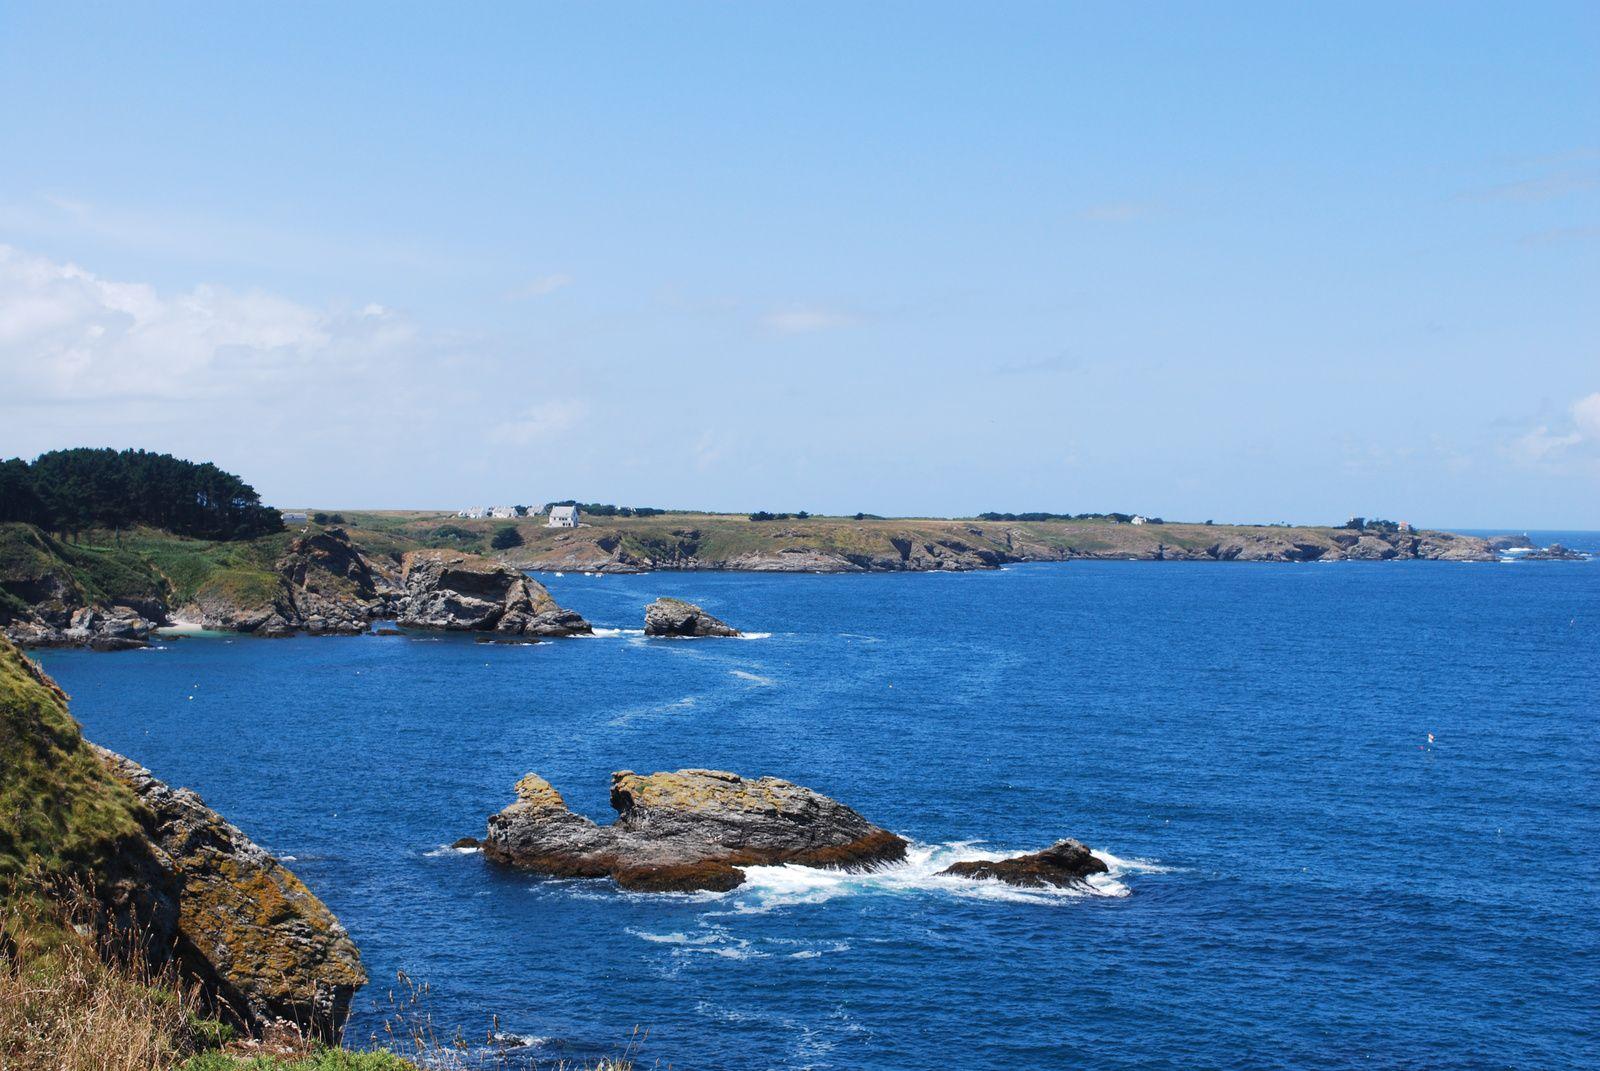 Belle-île en mer / 2009 / Il est 8h51, nous sommes le 5 Mars 2021